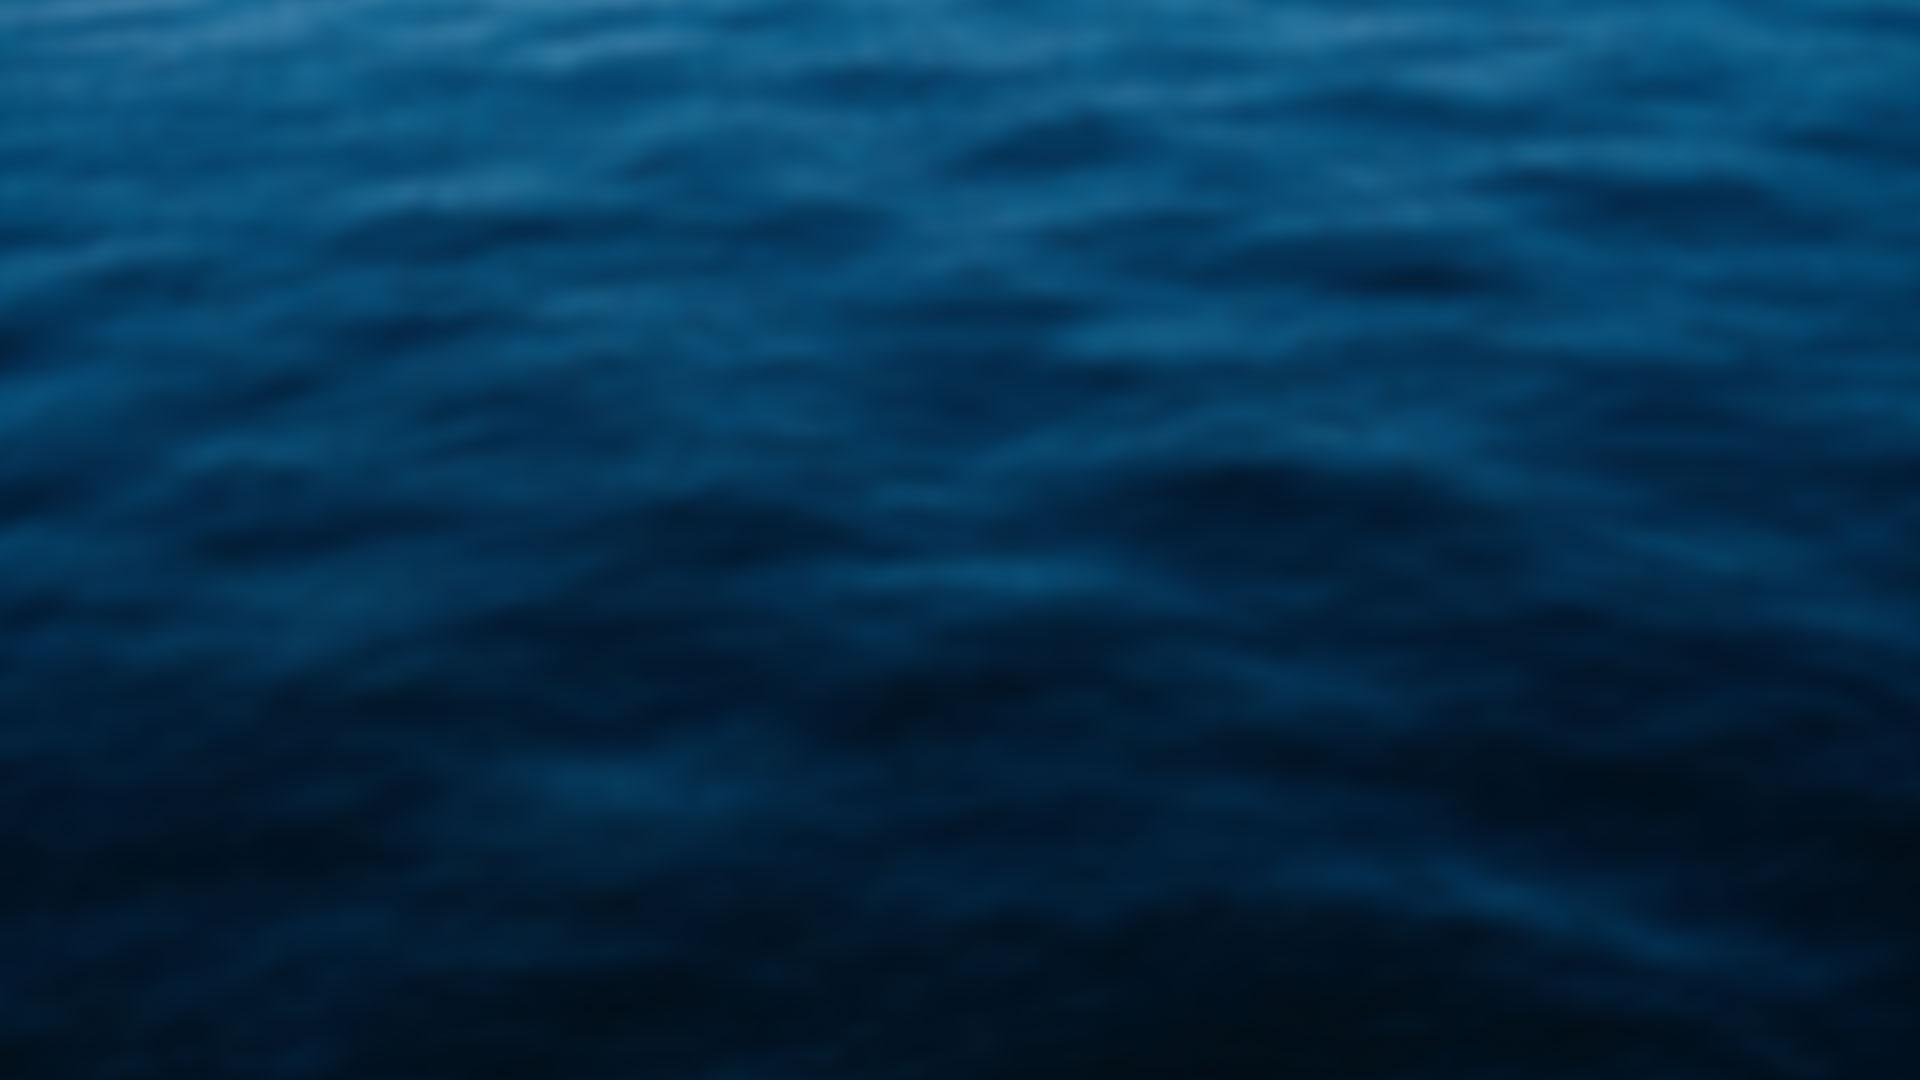 Vettä - taustakuva